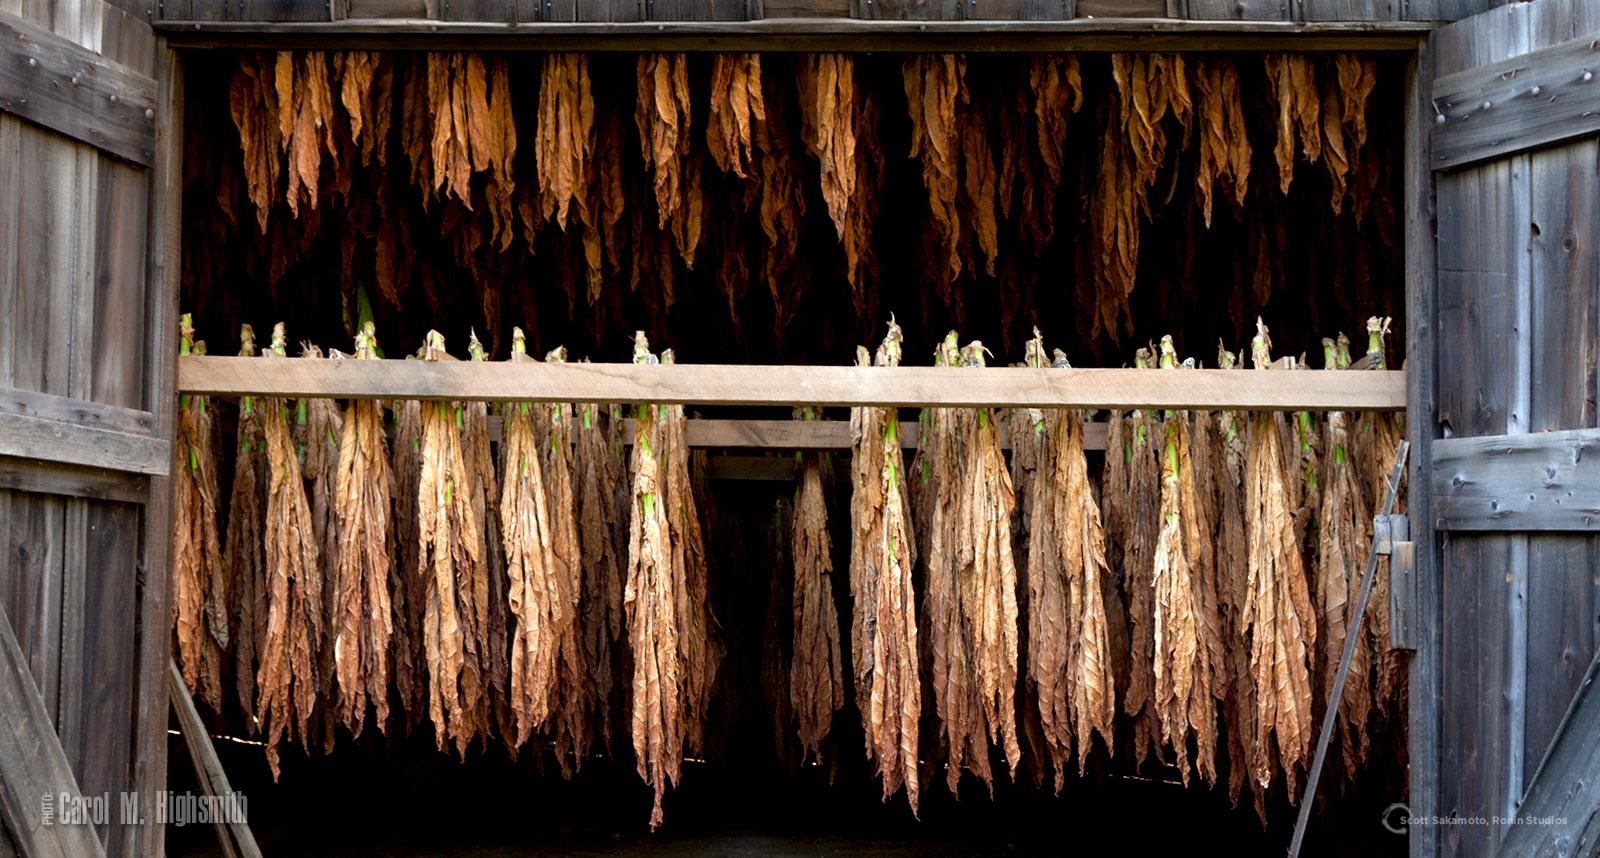 Cigar tobacco, tobacco leaf